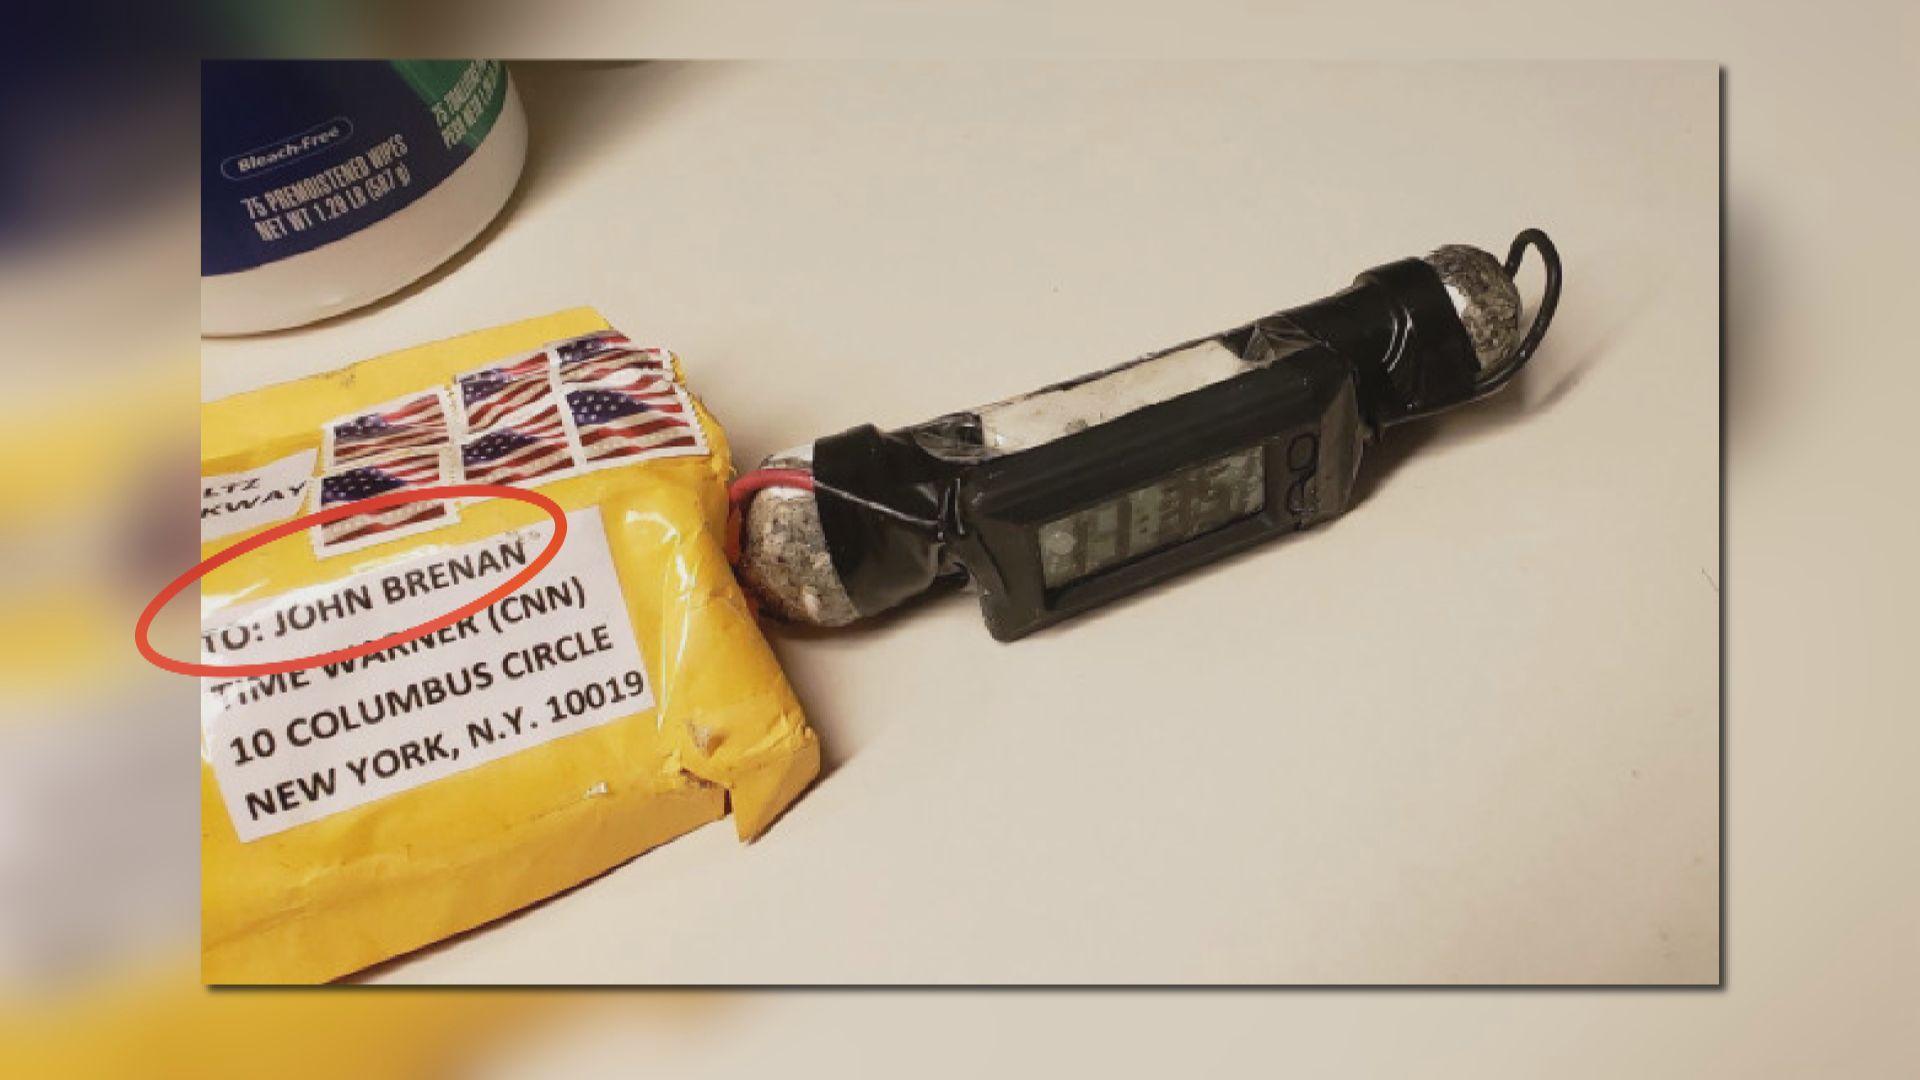 美國多名民主黨政要接懷疑郵包炸彈